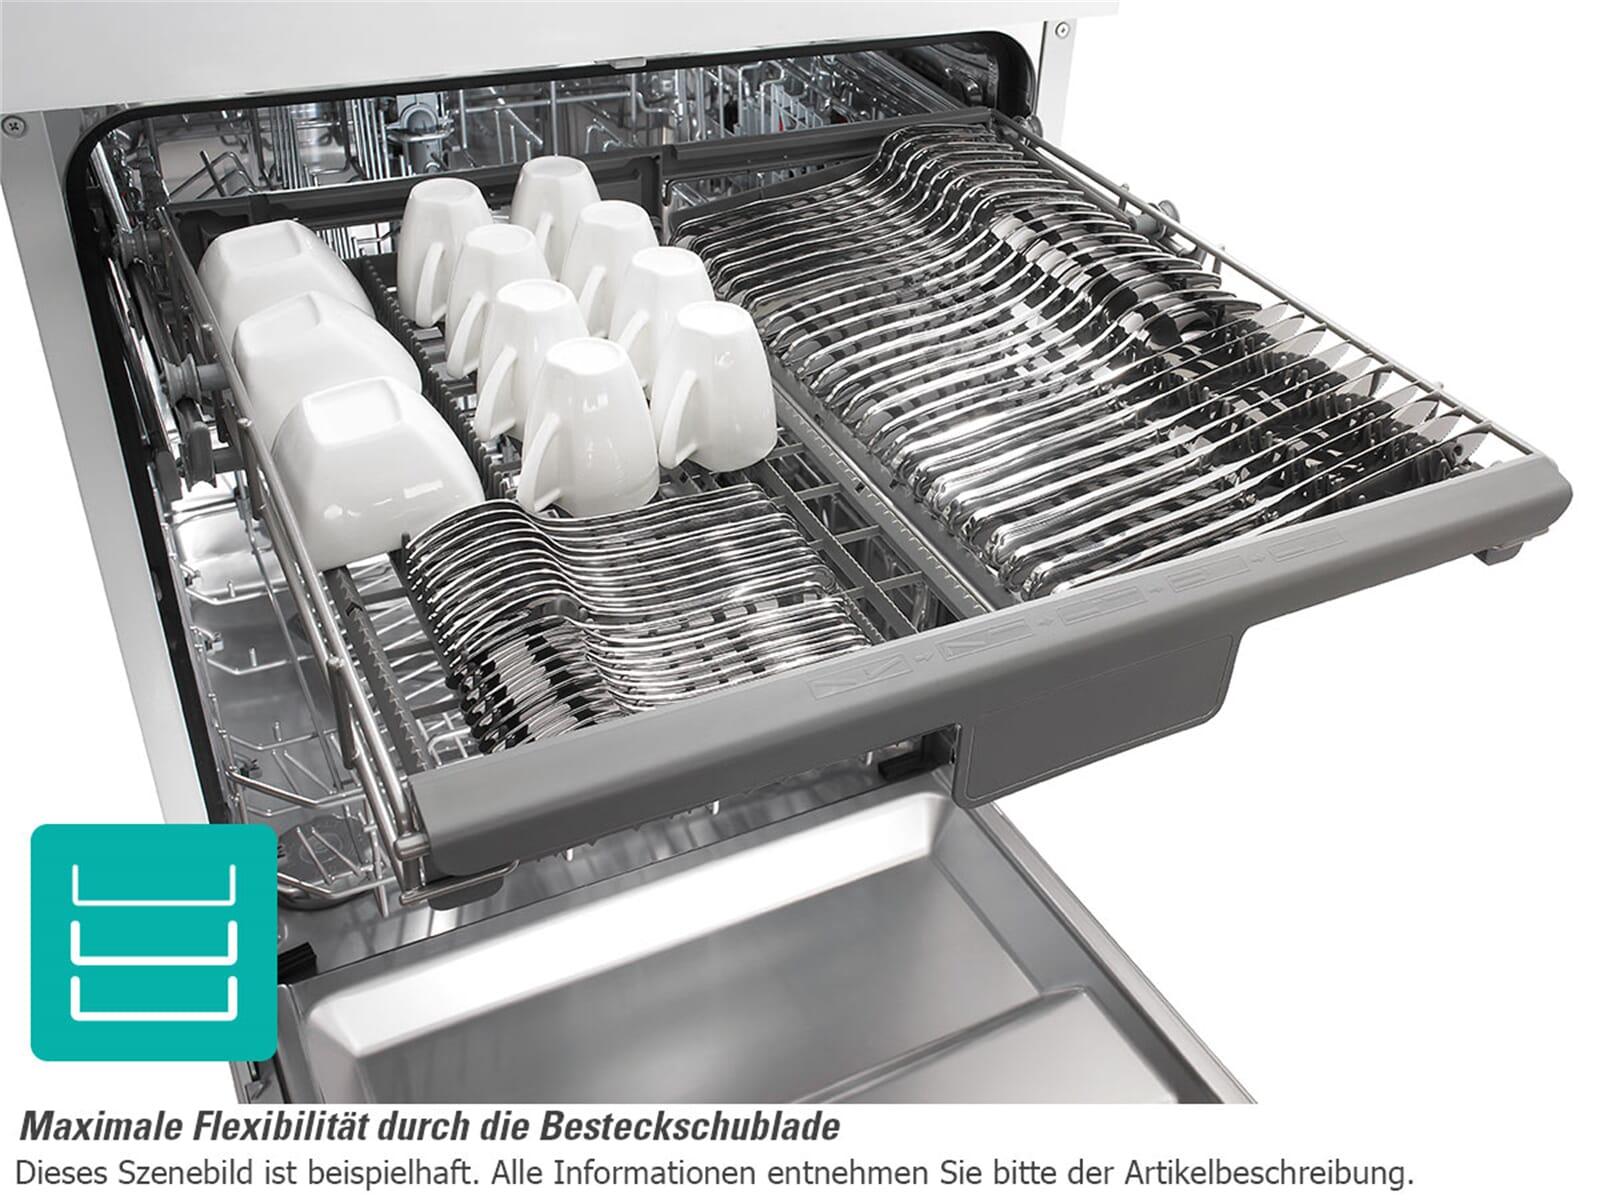 Gorenje gv 66160 vollintegrierbarer einbau geschirrspuler for Spülmaschine besteckschublade